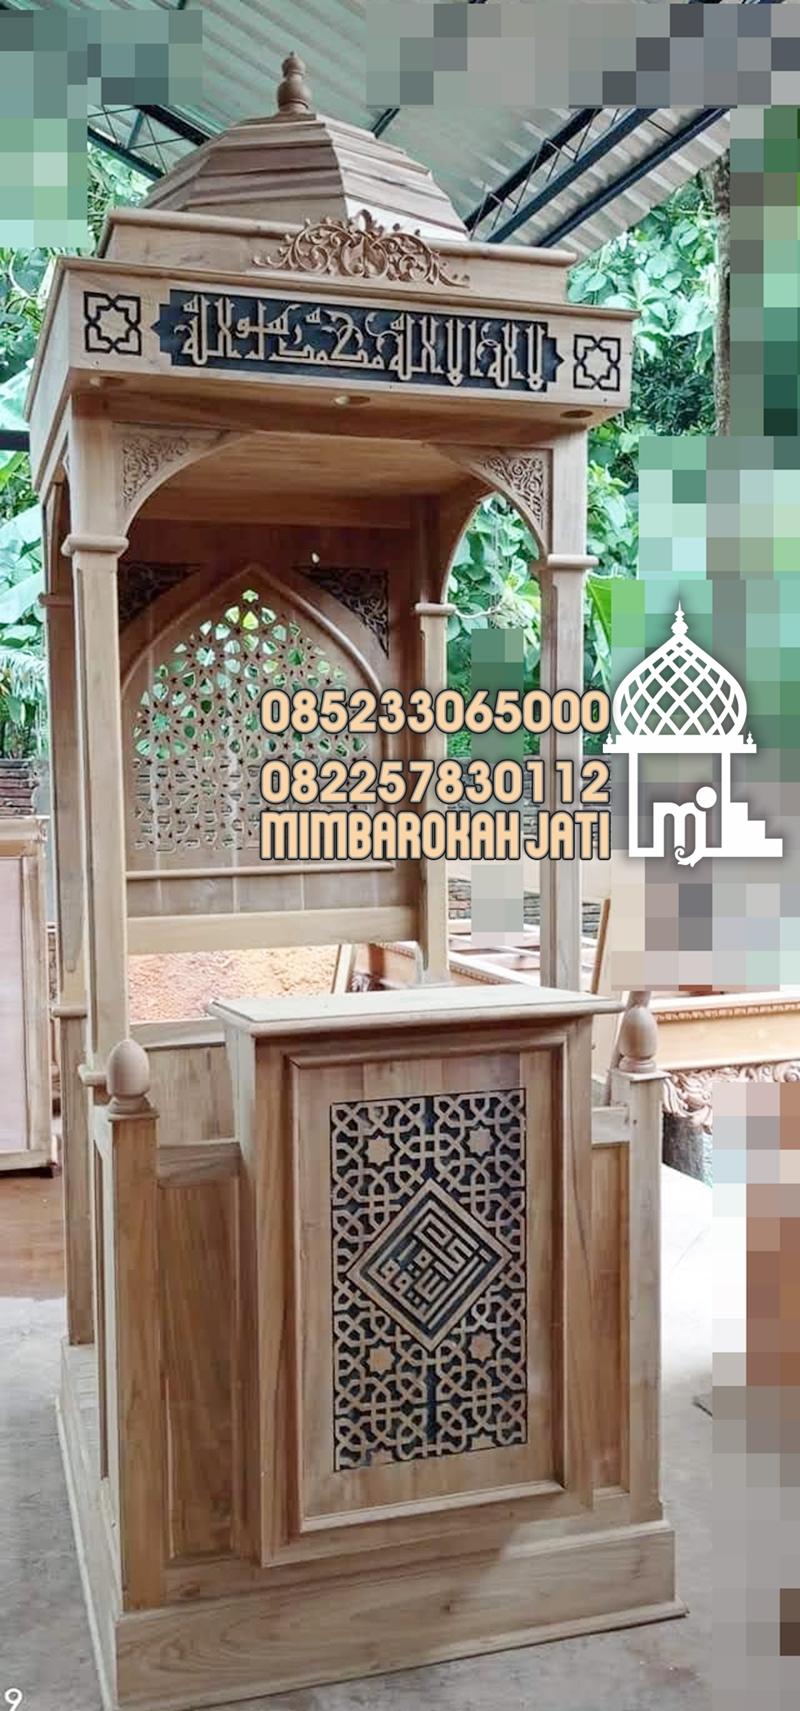 Mimbar Minimalis Ornamen CNC Masjid Besar Bandung Barat